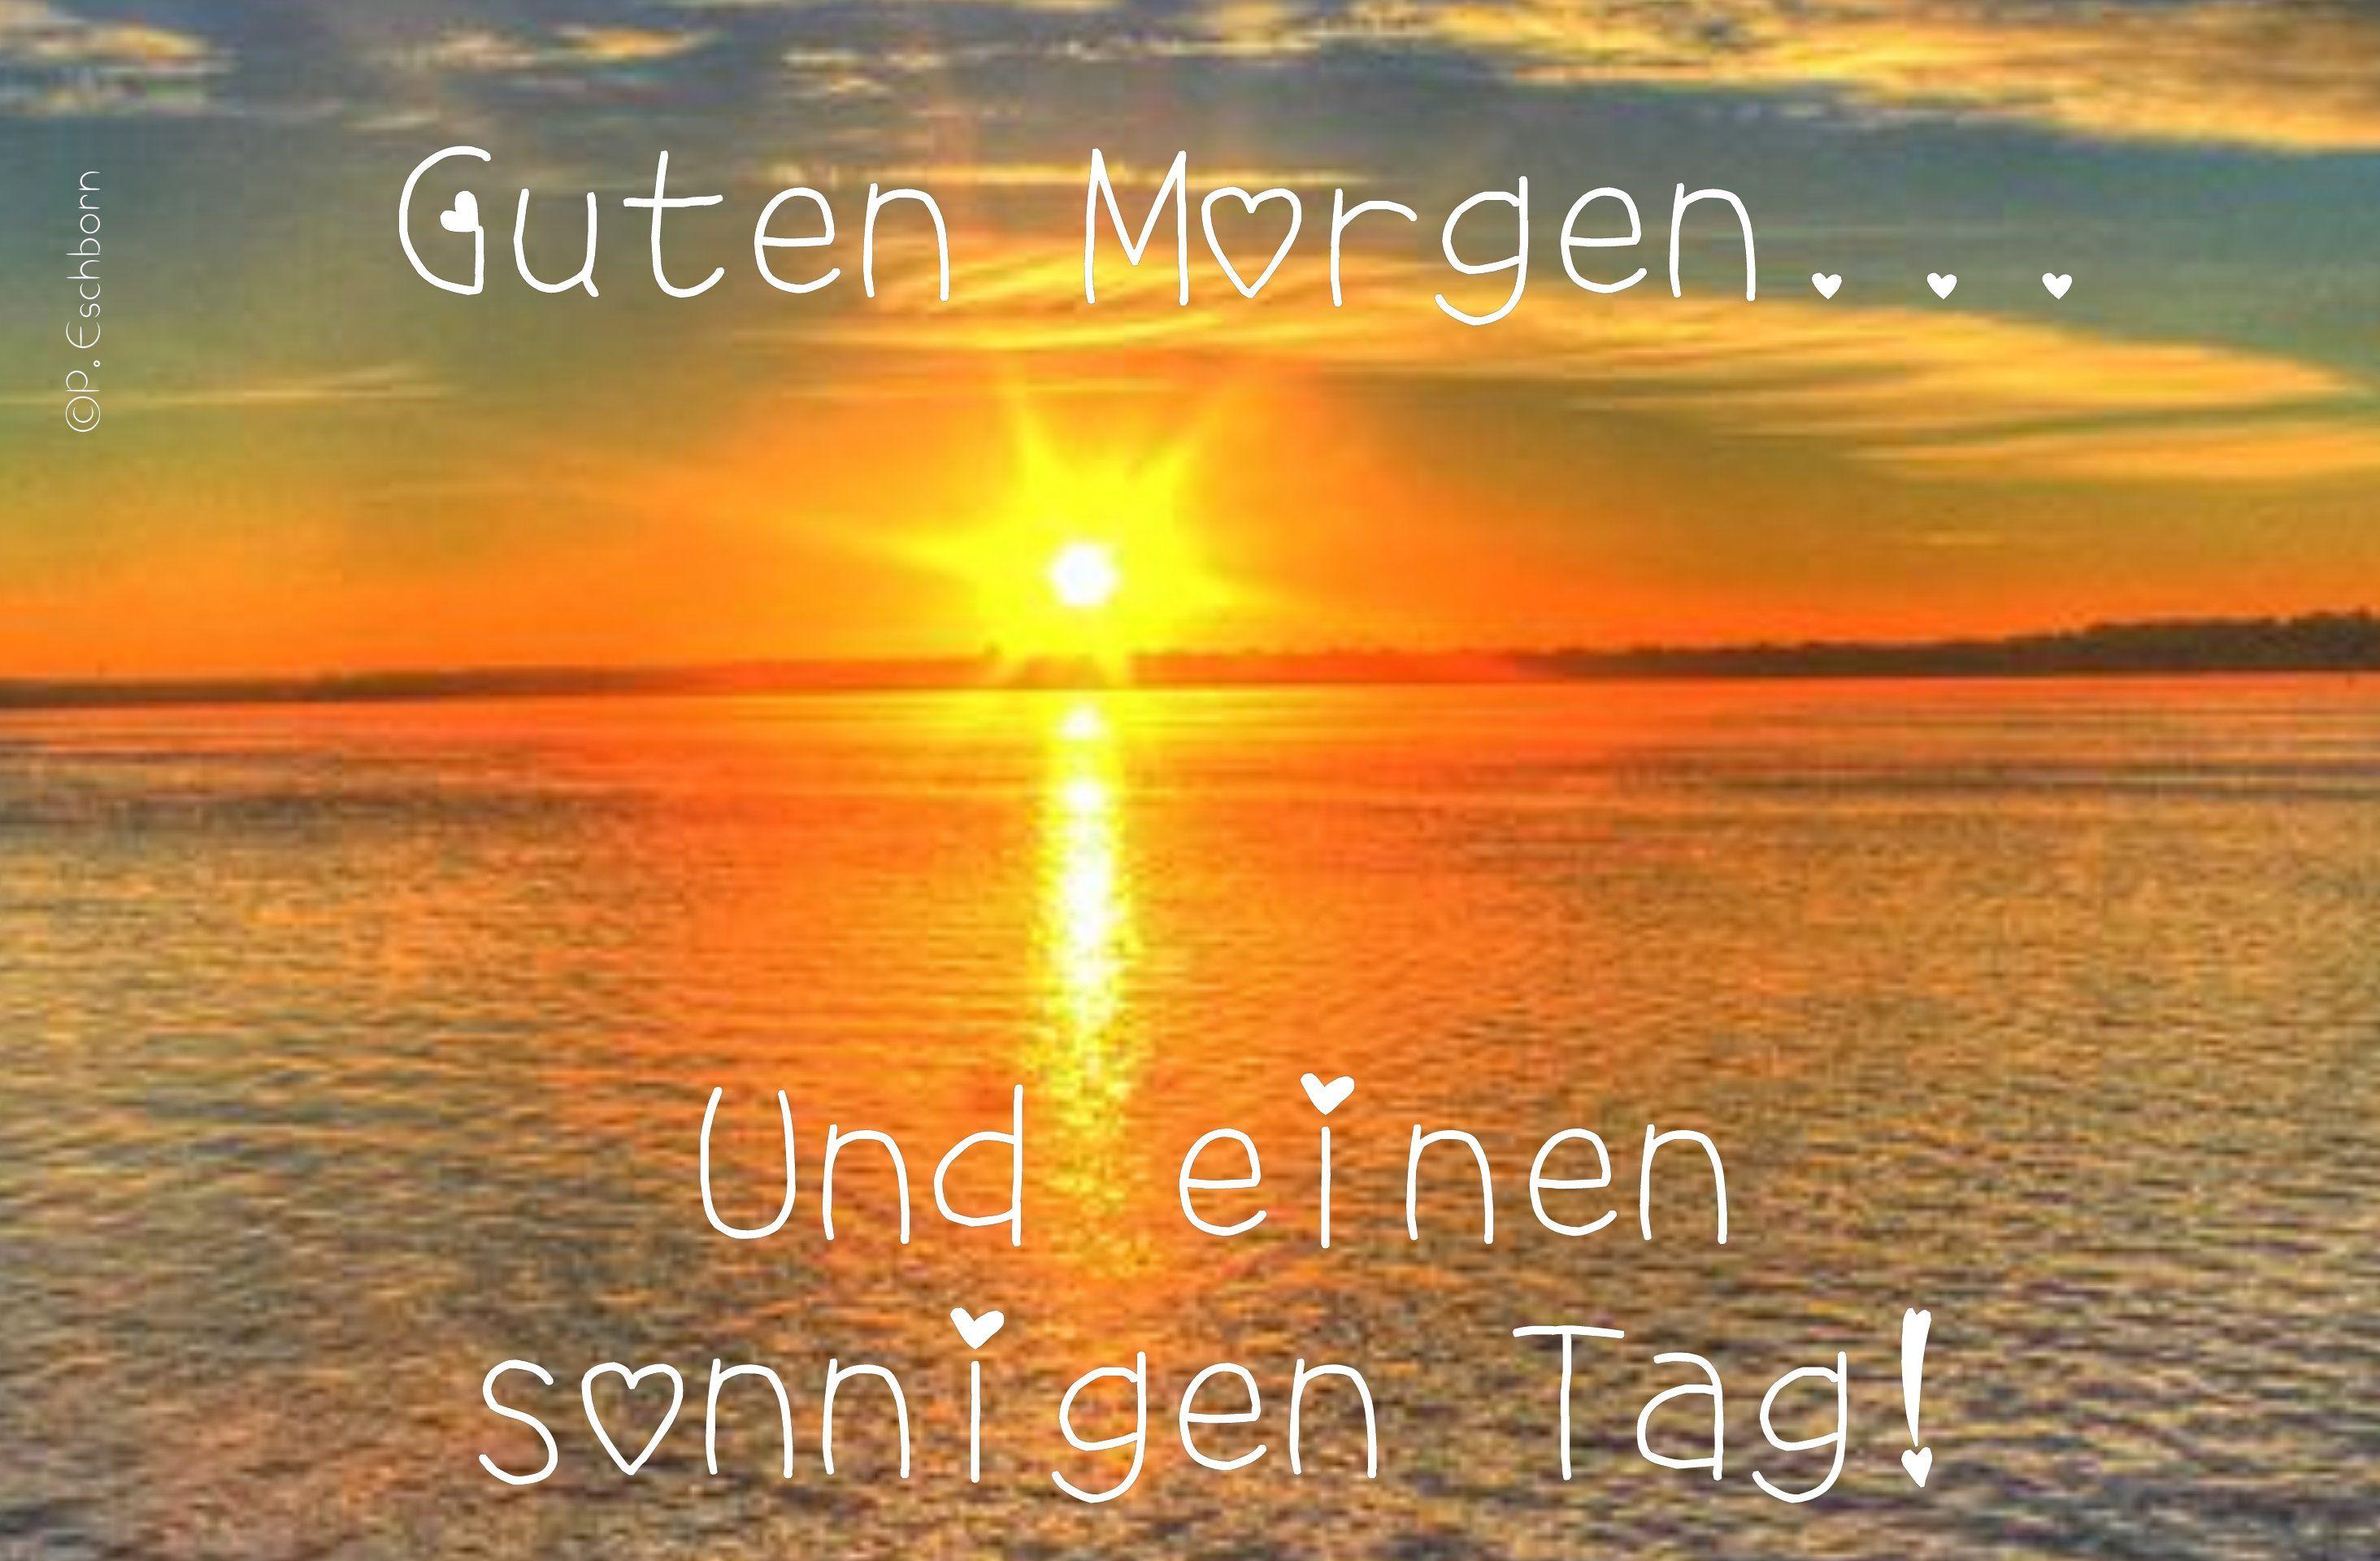 Einen und guten tag sonnigen morgen schönen guten morgen